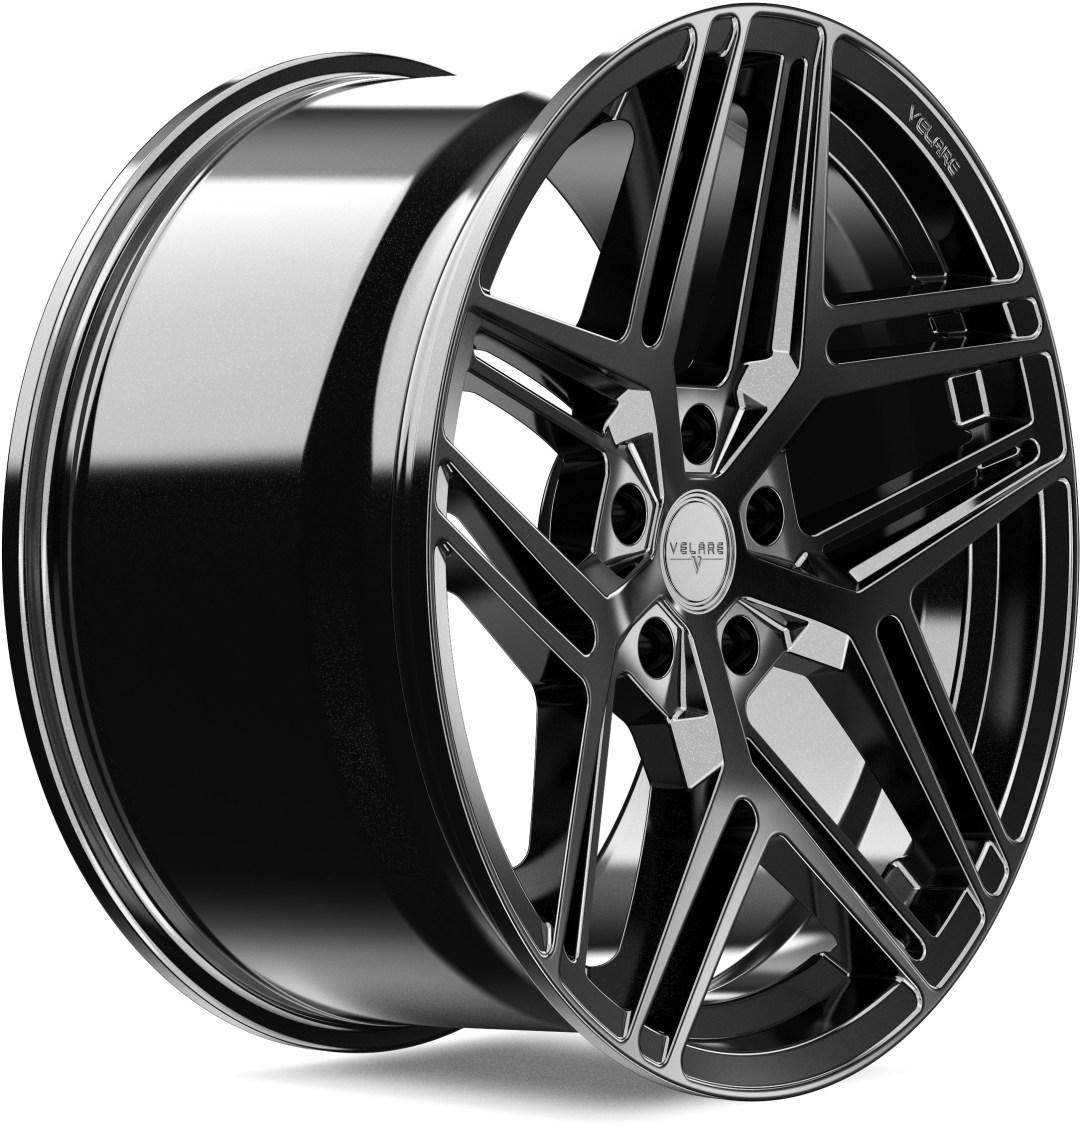 Velare VLR16 10j 20 Diamond Black 3